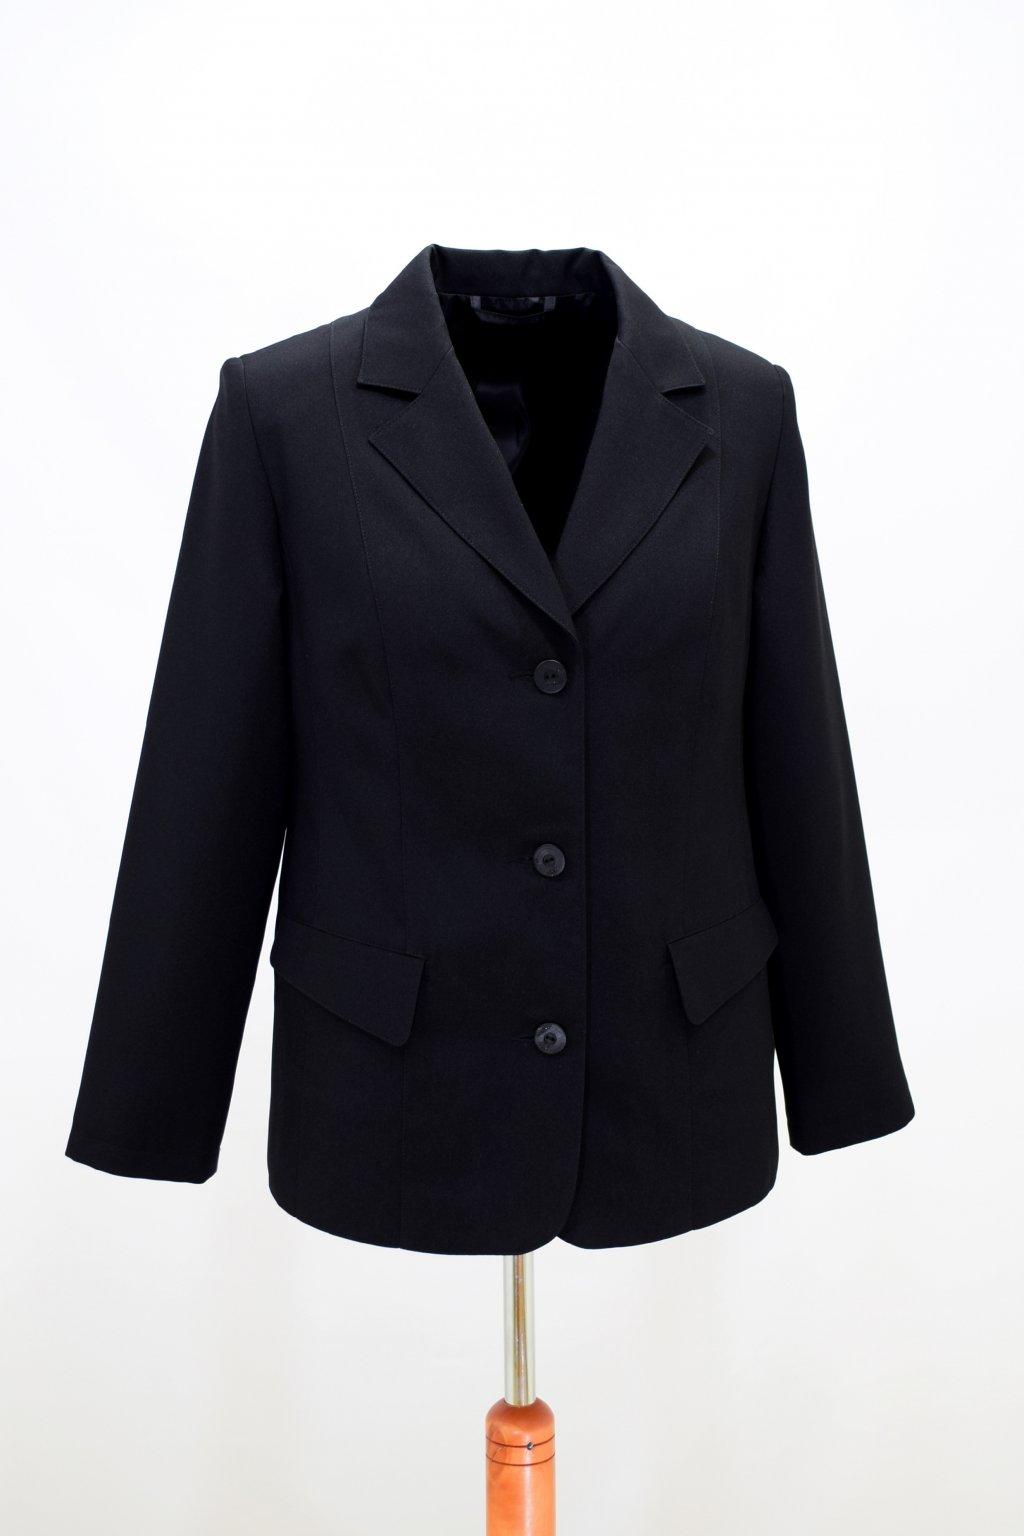 Dámské černé sako Diana nadměrné velikosti.